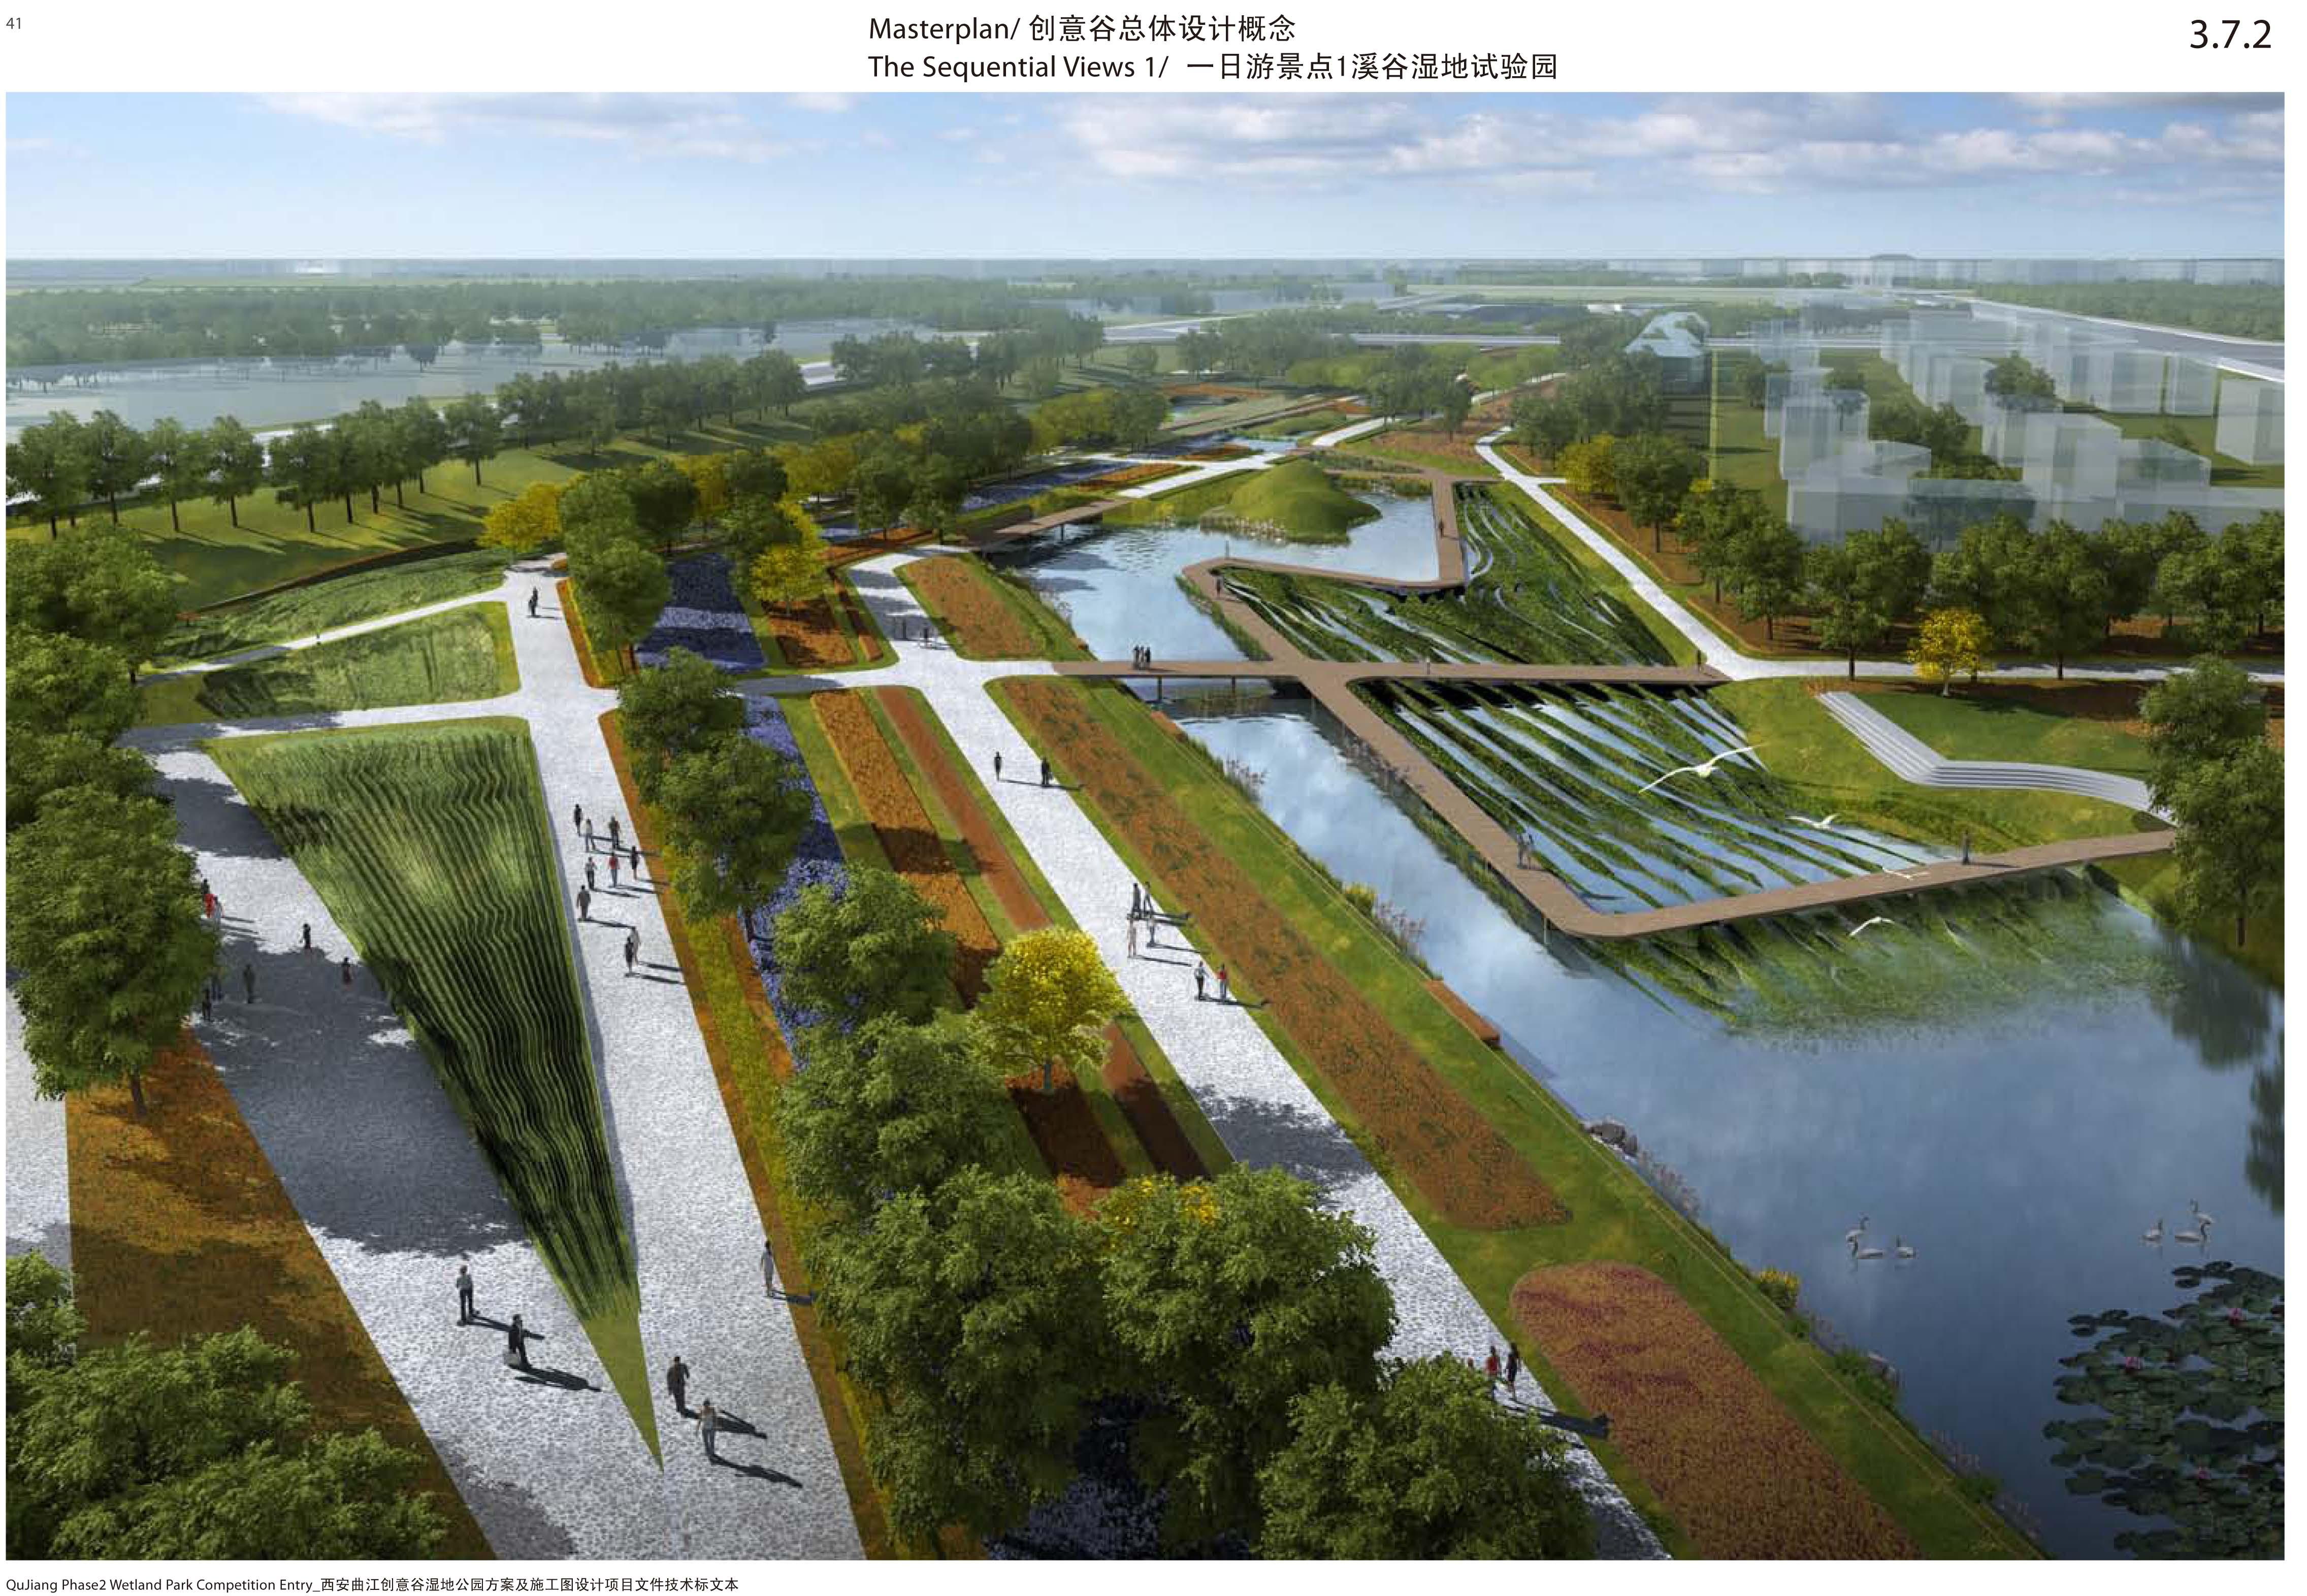 湿地公园施工方案 湿地公园施工组织设计图片